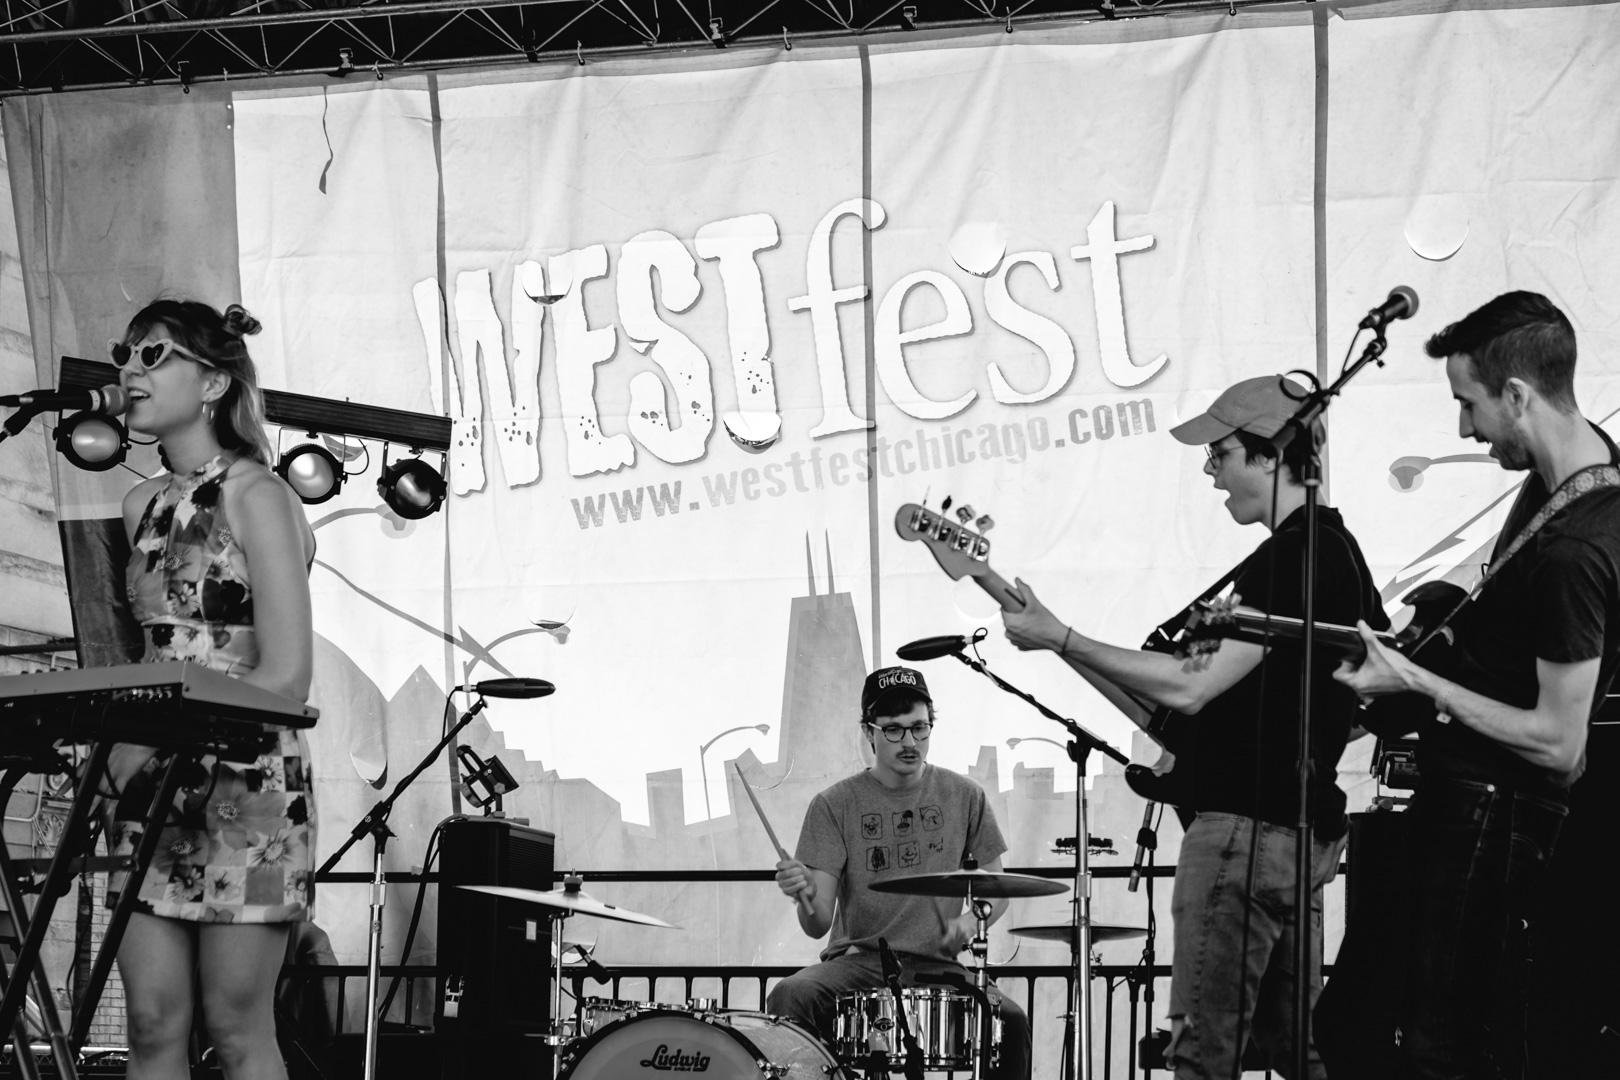 Varsity - West FestJuly 7th